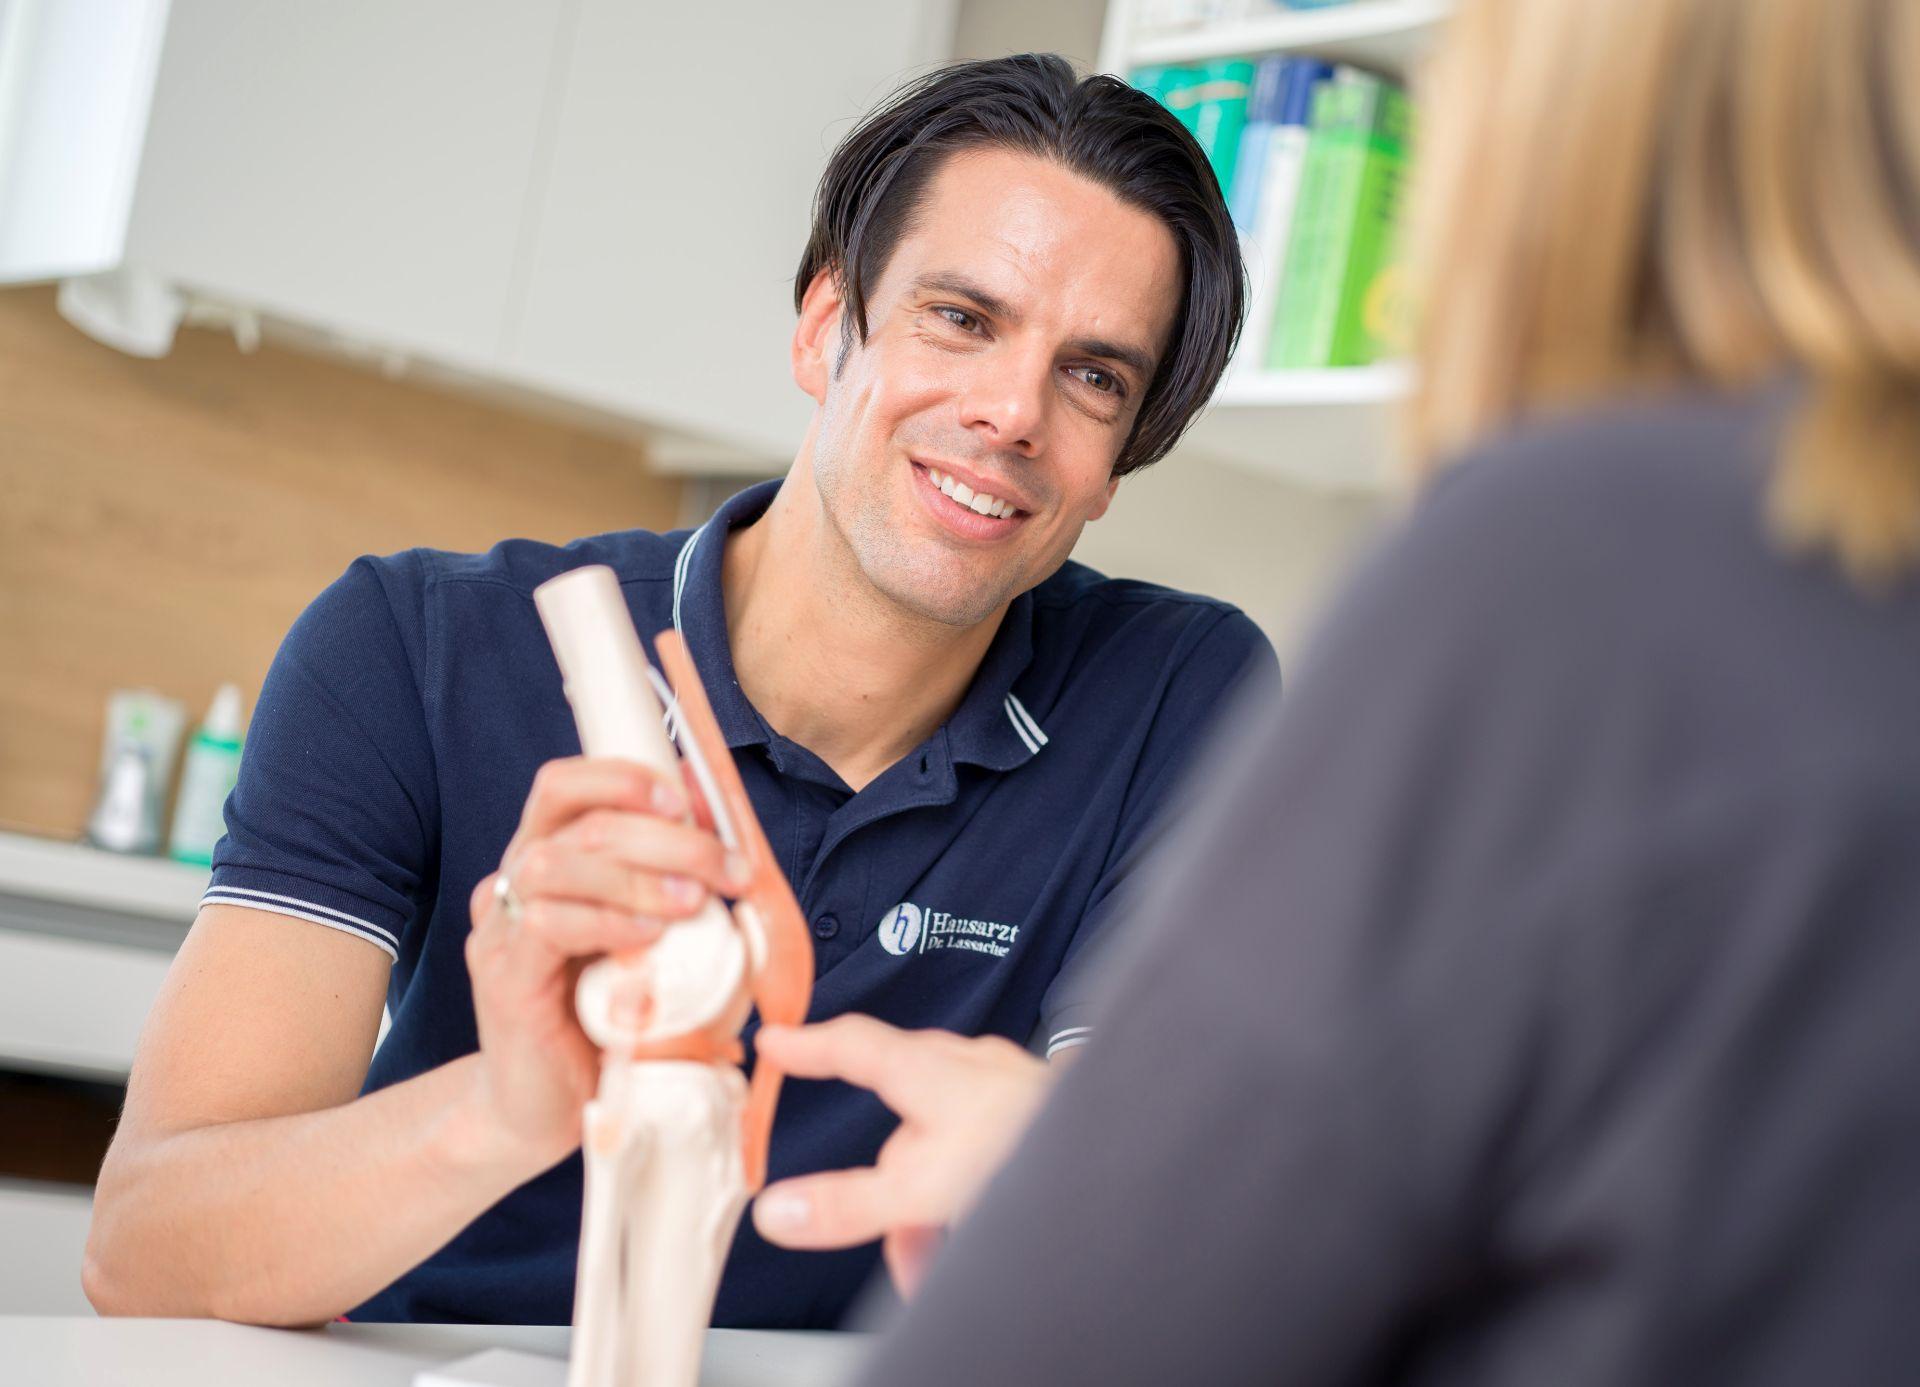 Kniebehandlung - Hausarzt Dr. Lassacher